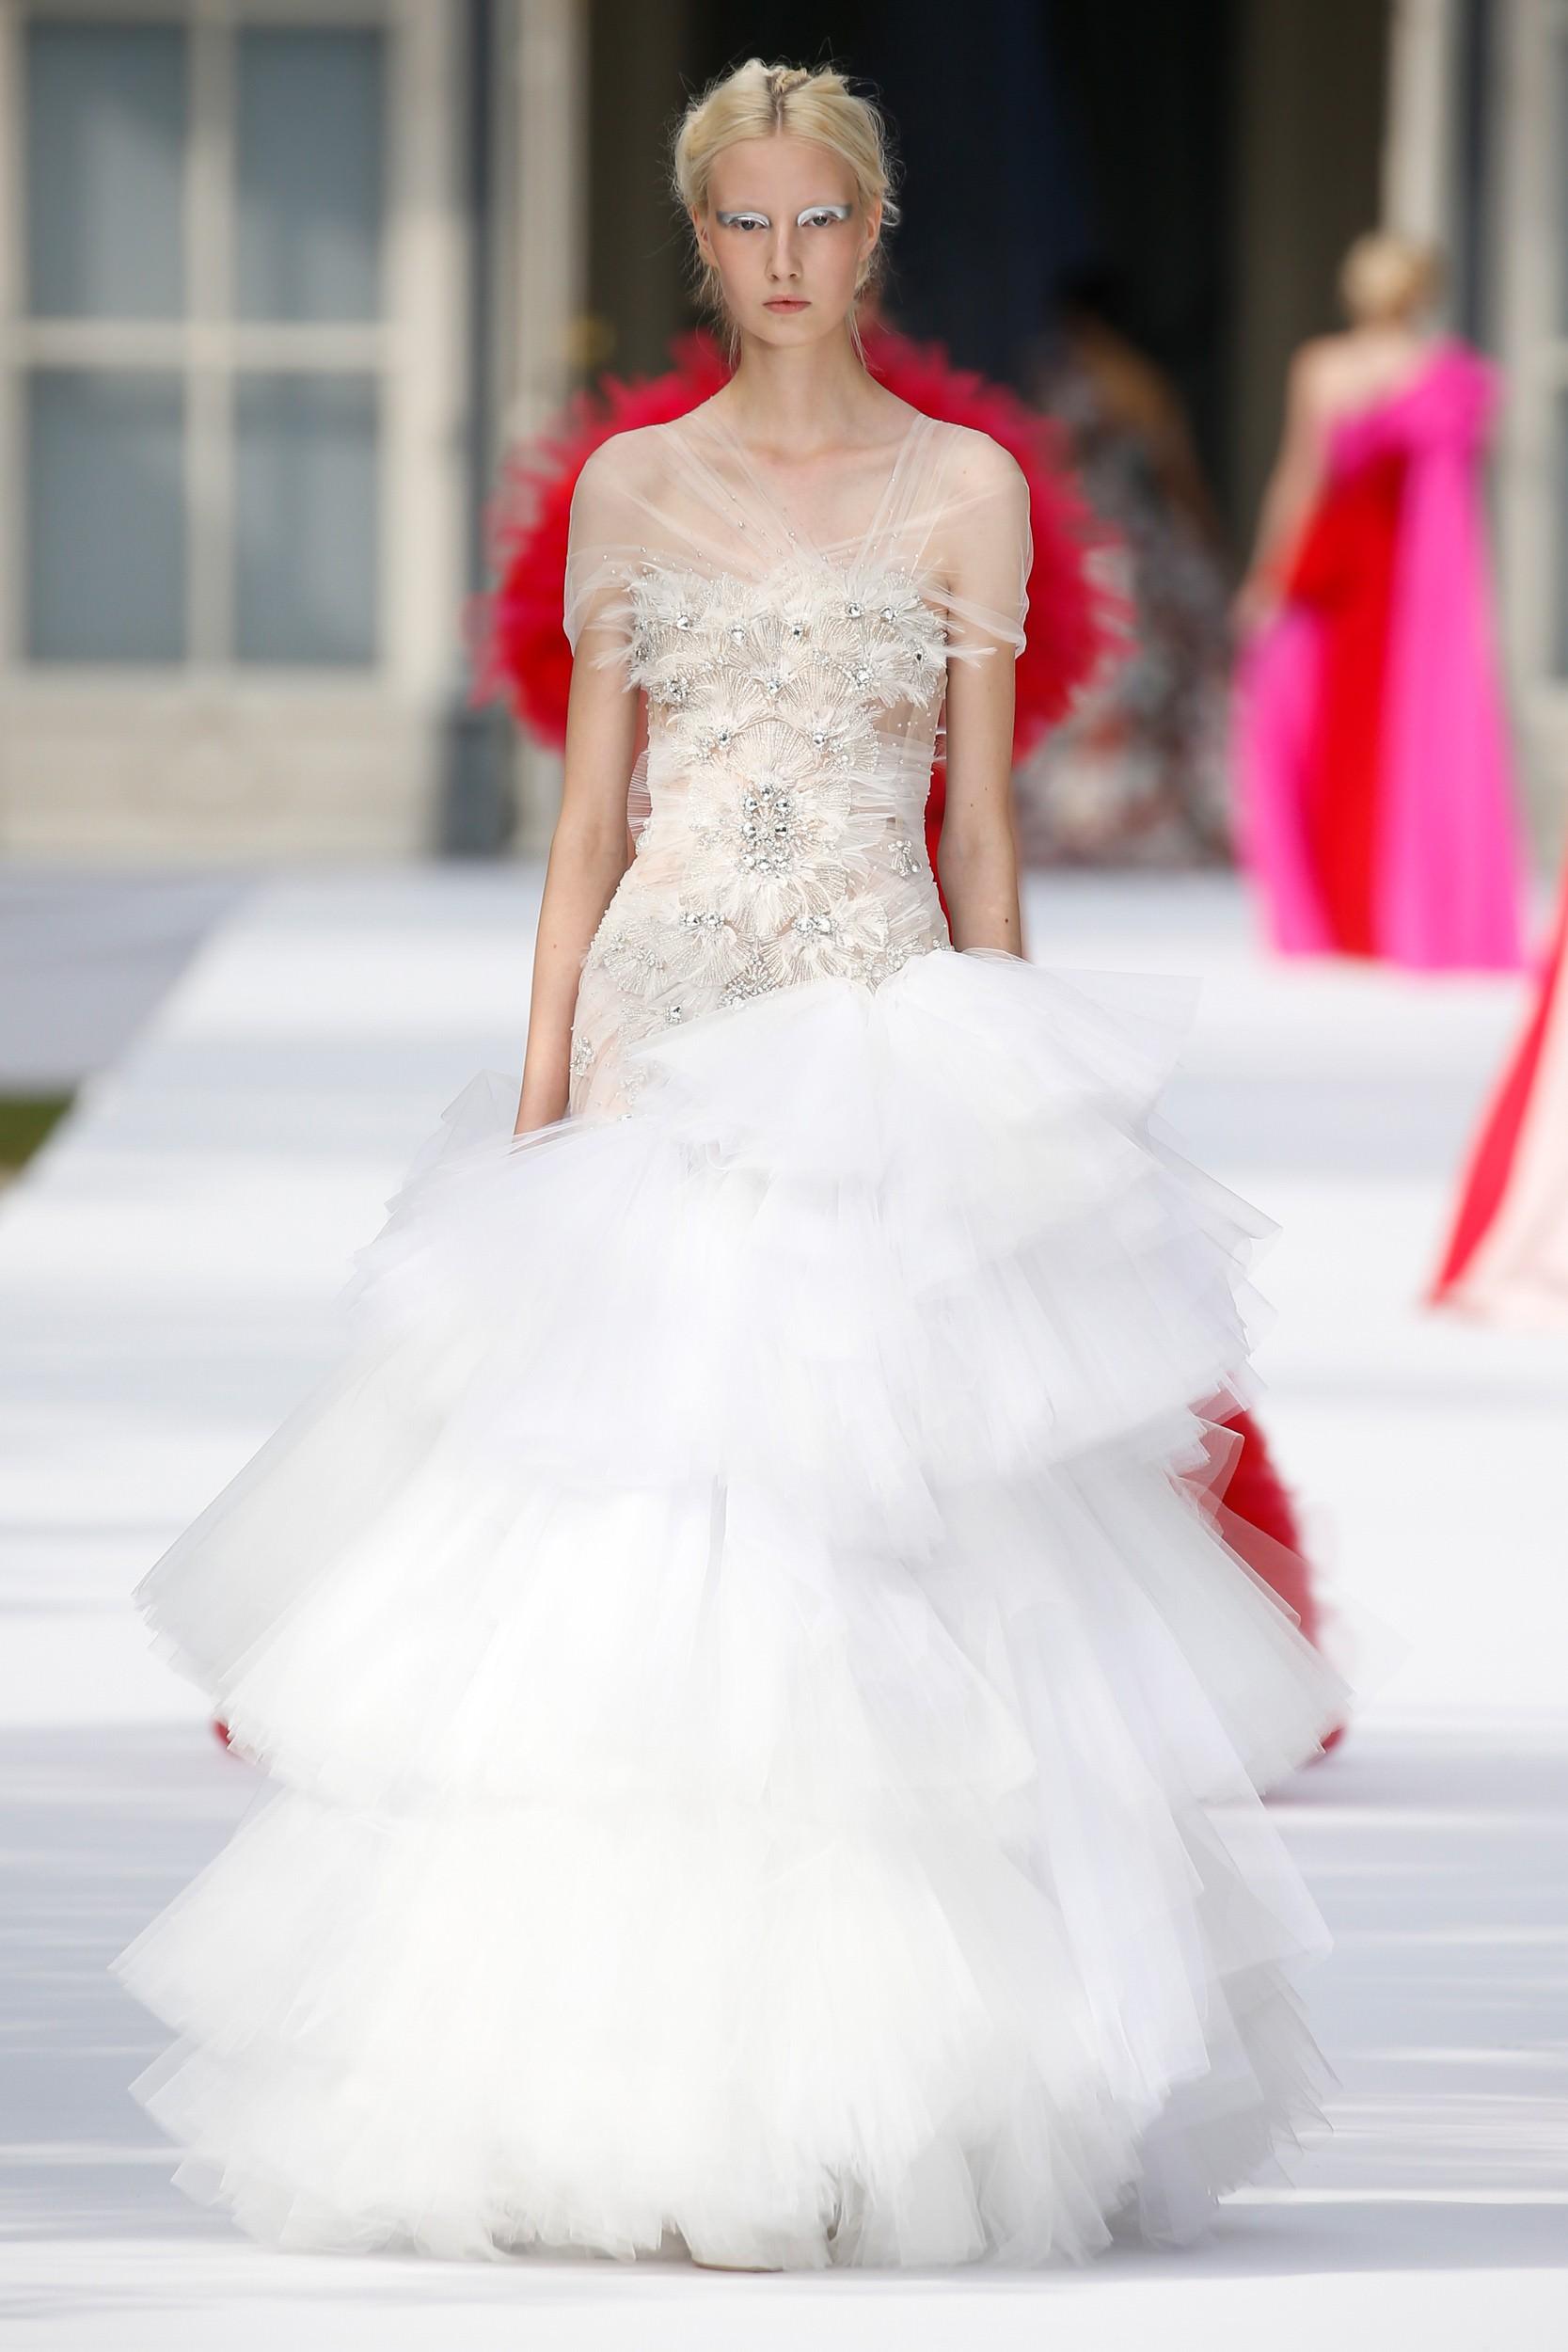 robe de soirée luxe blanche jupe volant épaule dénudé ornée de bijoux